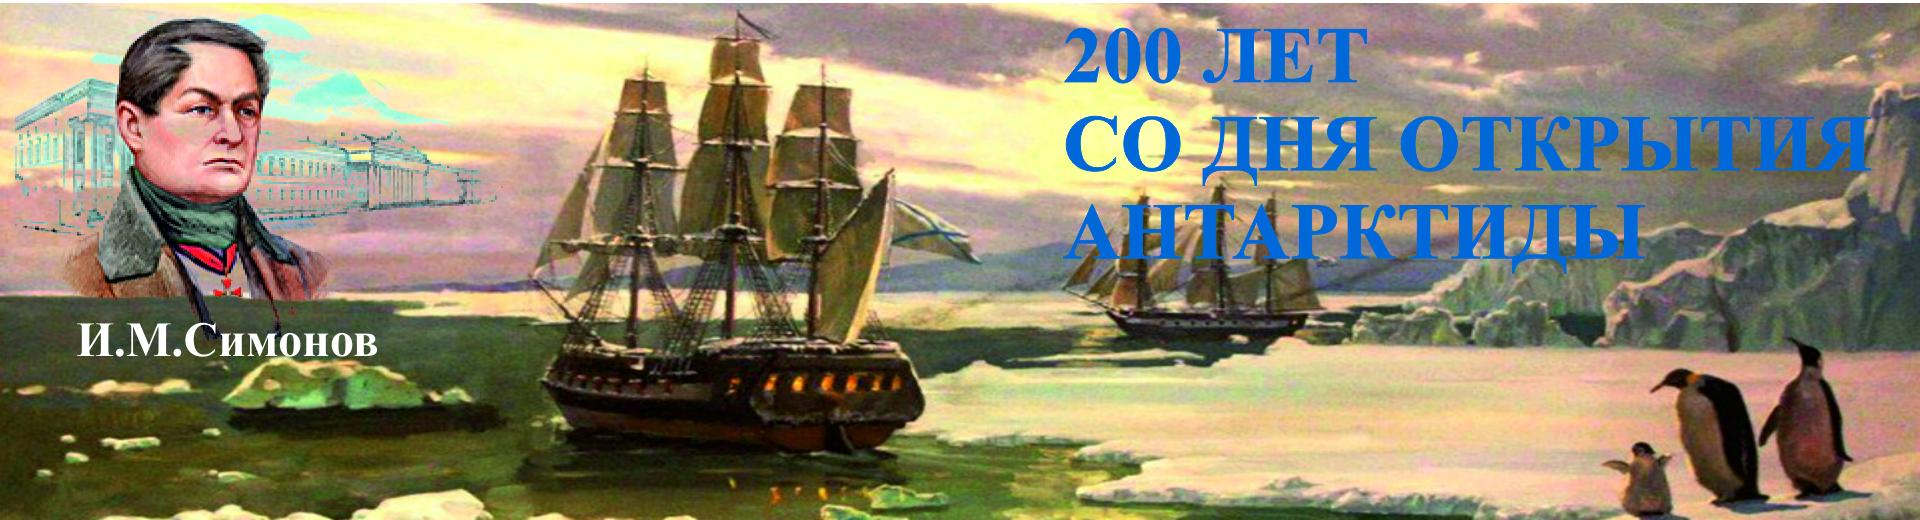 Русское имя Антарктиды: 200 лет назад был открыт шестой континент